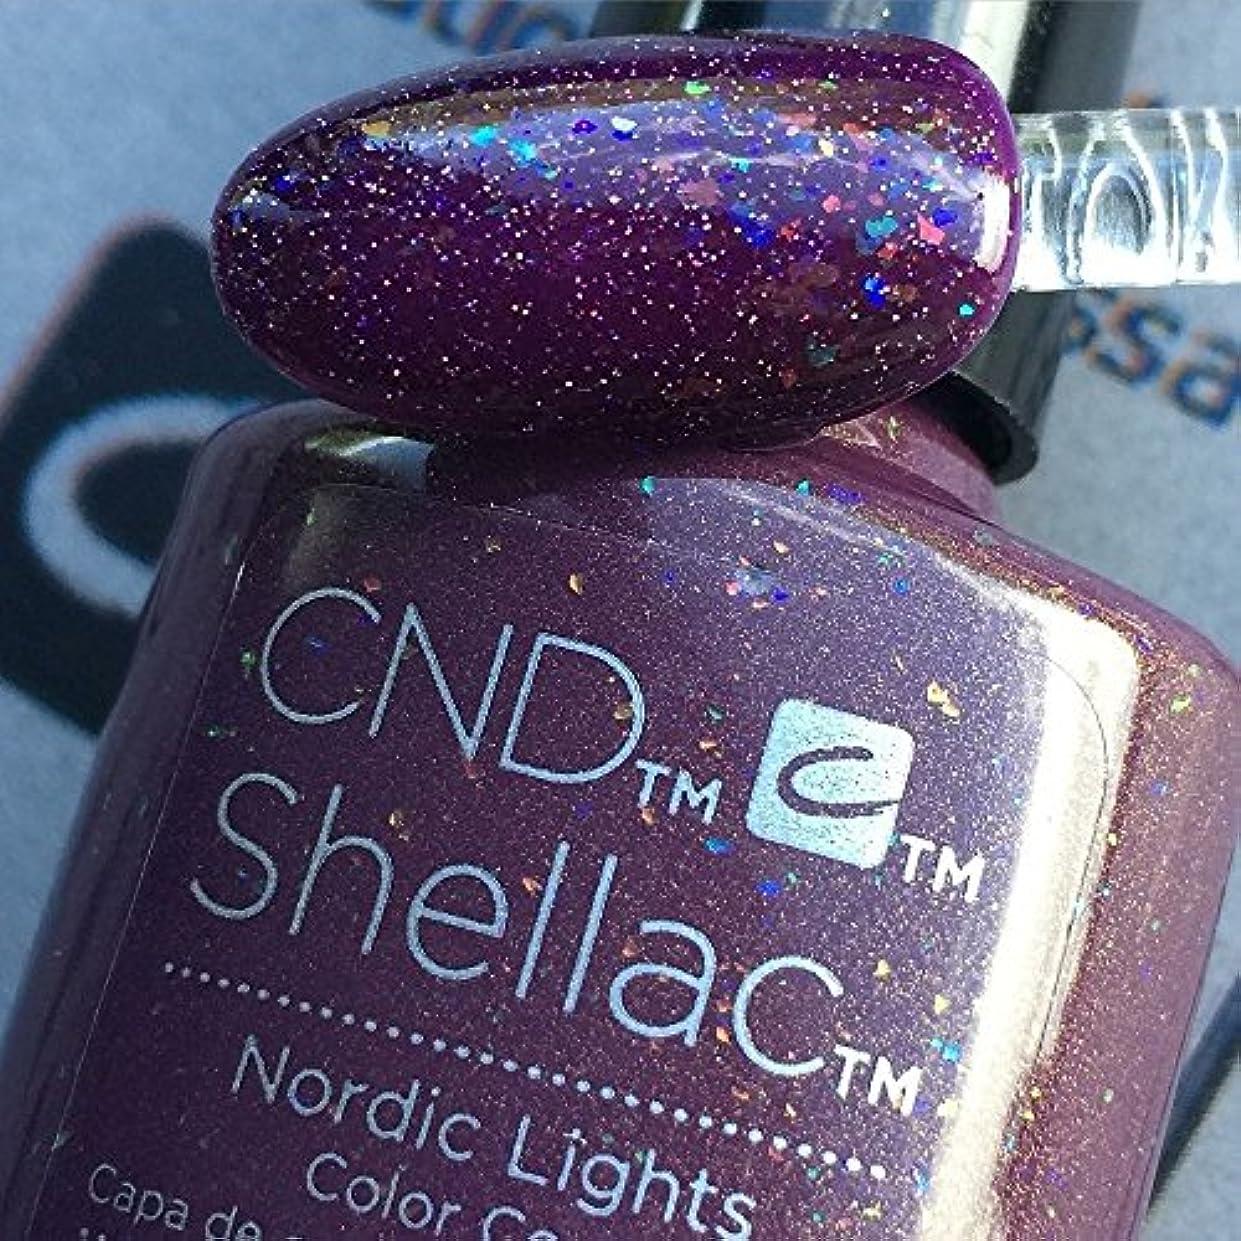 歩く永遠の閲覧するCND シェラック UV カラーコート 211 ノルディックライト Nordic Lights 7.3ml